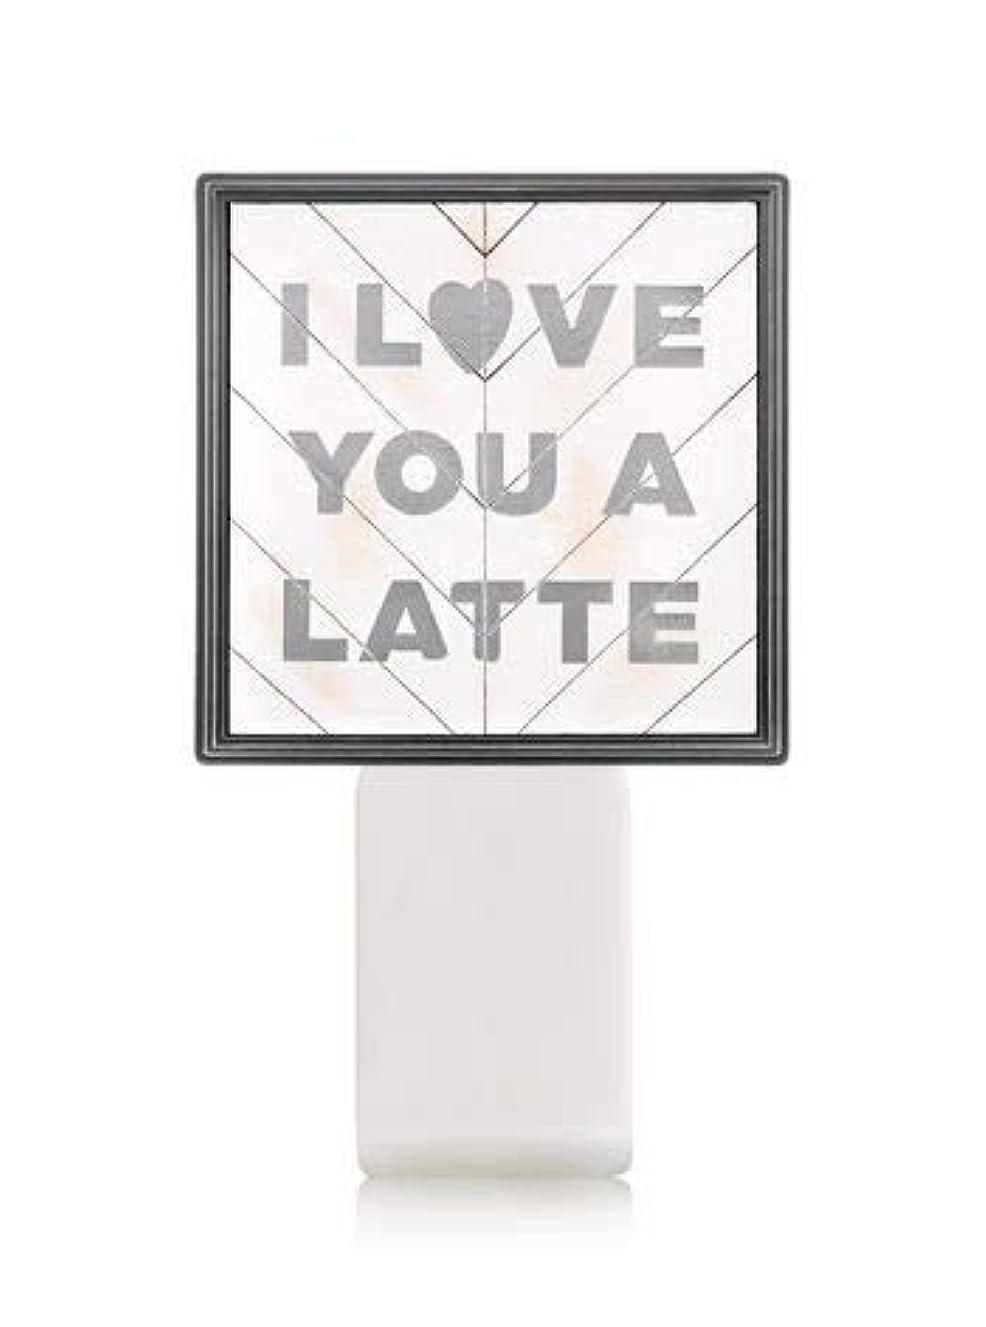 収束する雄弁な慈悲【Bath&Body Works/バス&ボディワークス】 ルームフレグランス プラグインスターター (本体のみ) アイラブユー Wallflowers Fragrance Plug I Love You a Latte...